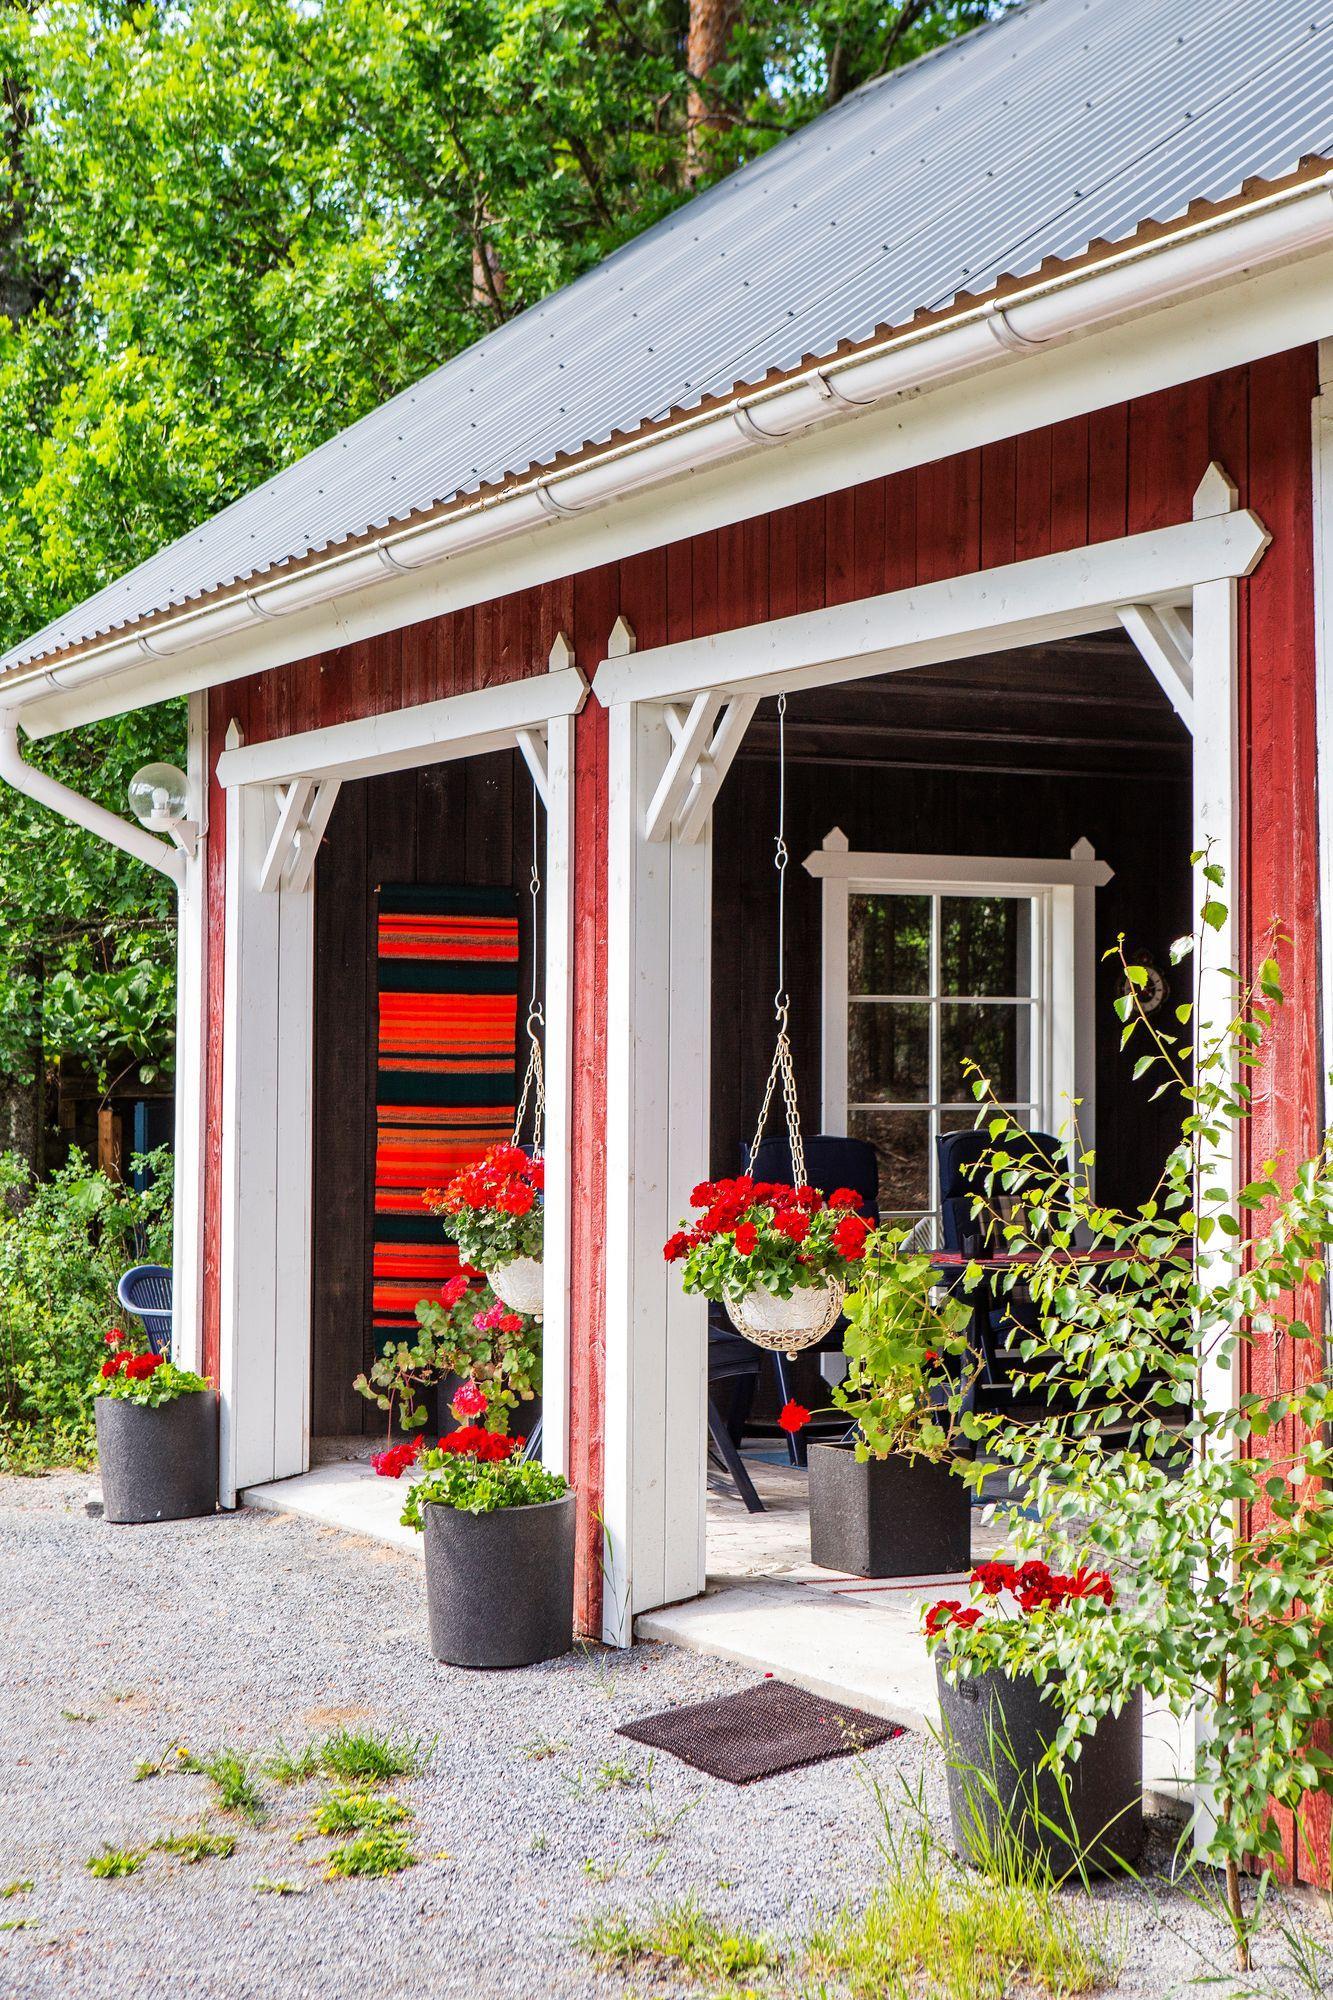 Kun vanhasta hevostallista poistettiin pilttuut, siitä rakentui ilmava ja käytännöllinen kesäterassi. © Tiiu Kaitalo